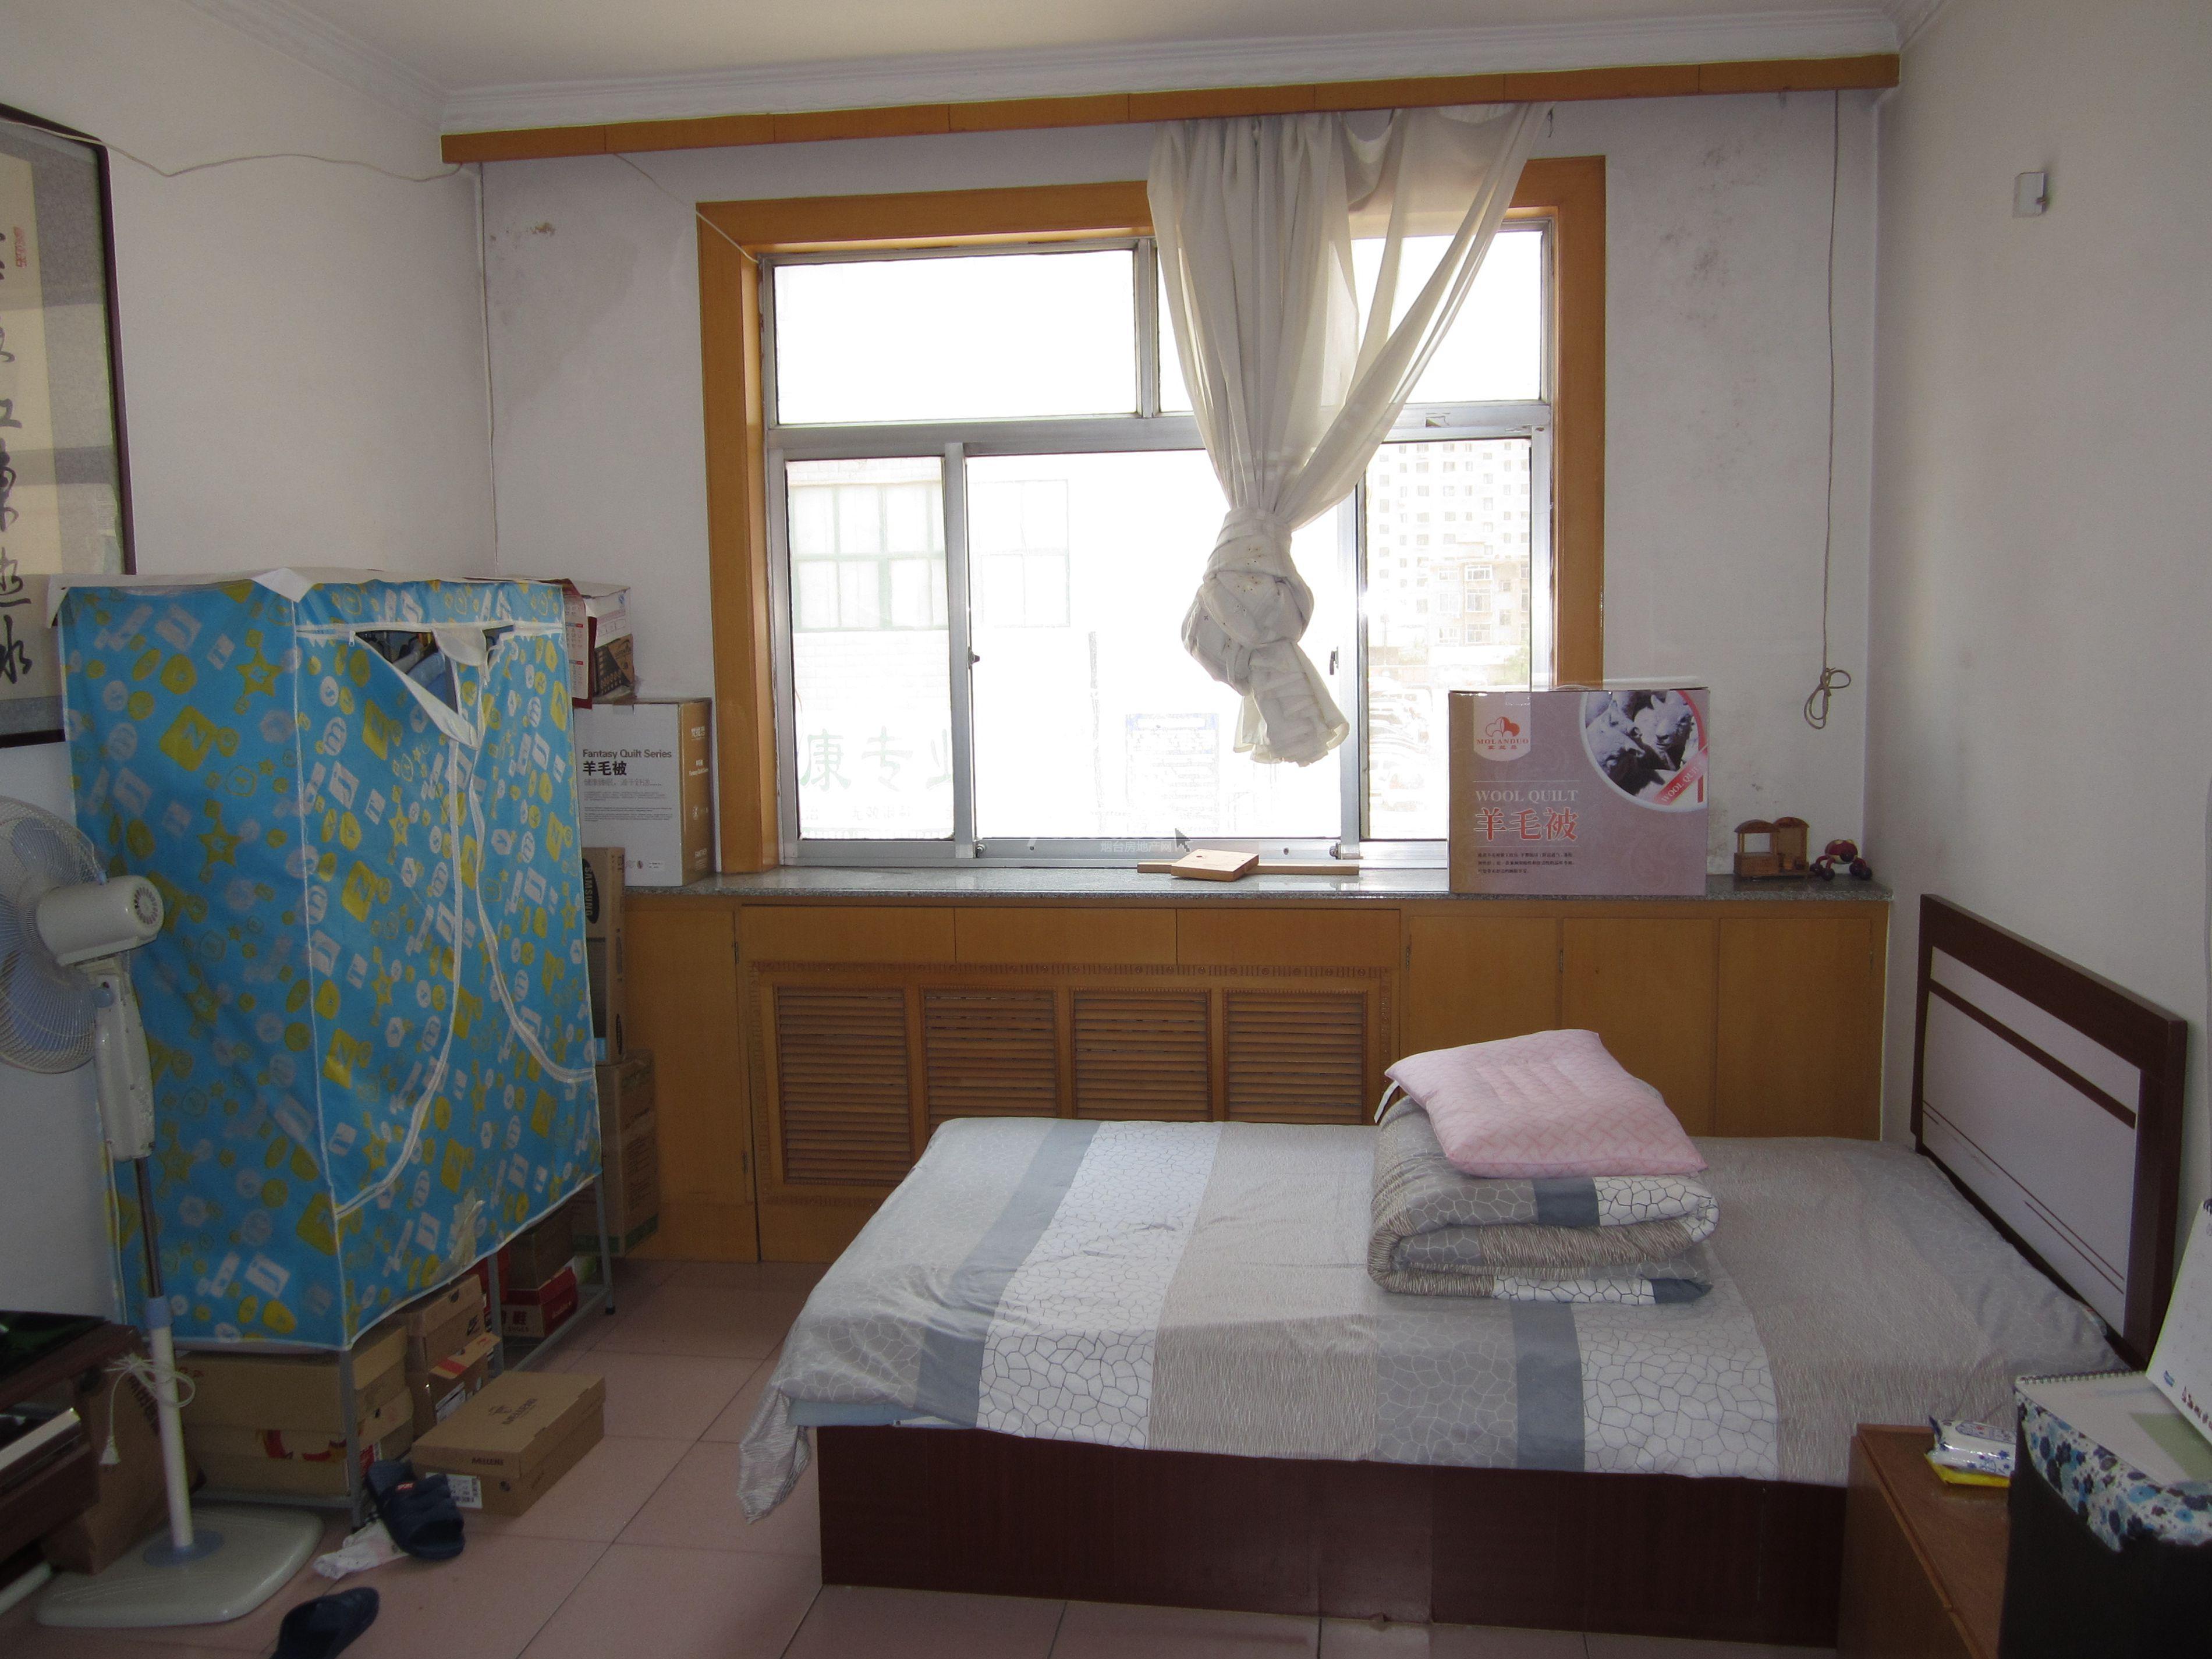 背景墙 房间 家居 酒店 设计 卧室 卧室装修 现代 装修 3800_2850